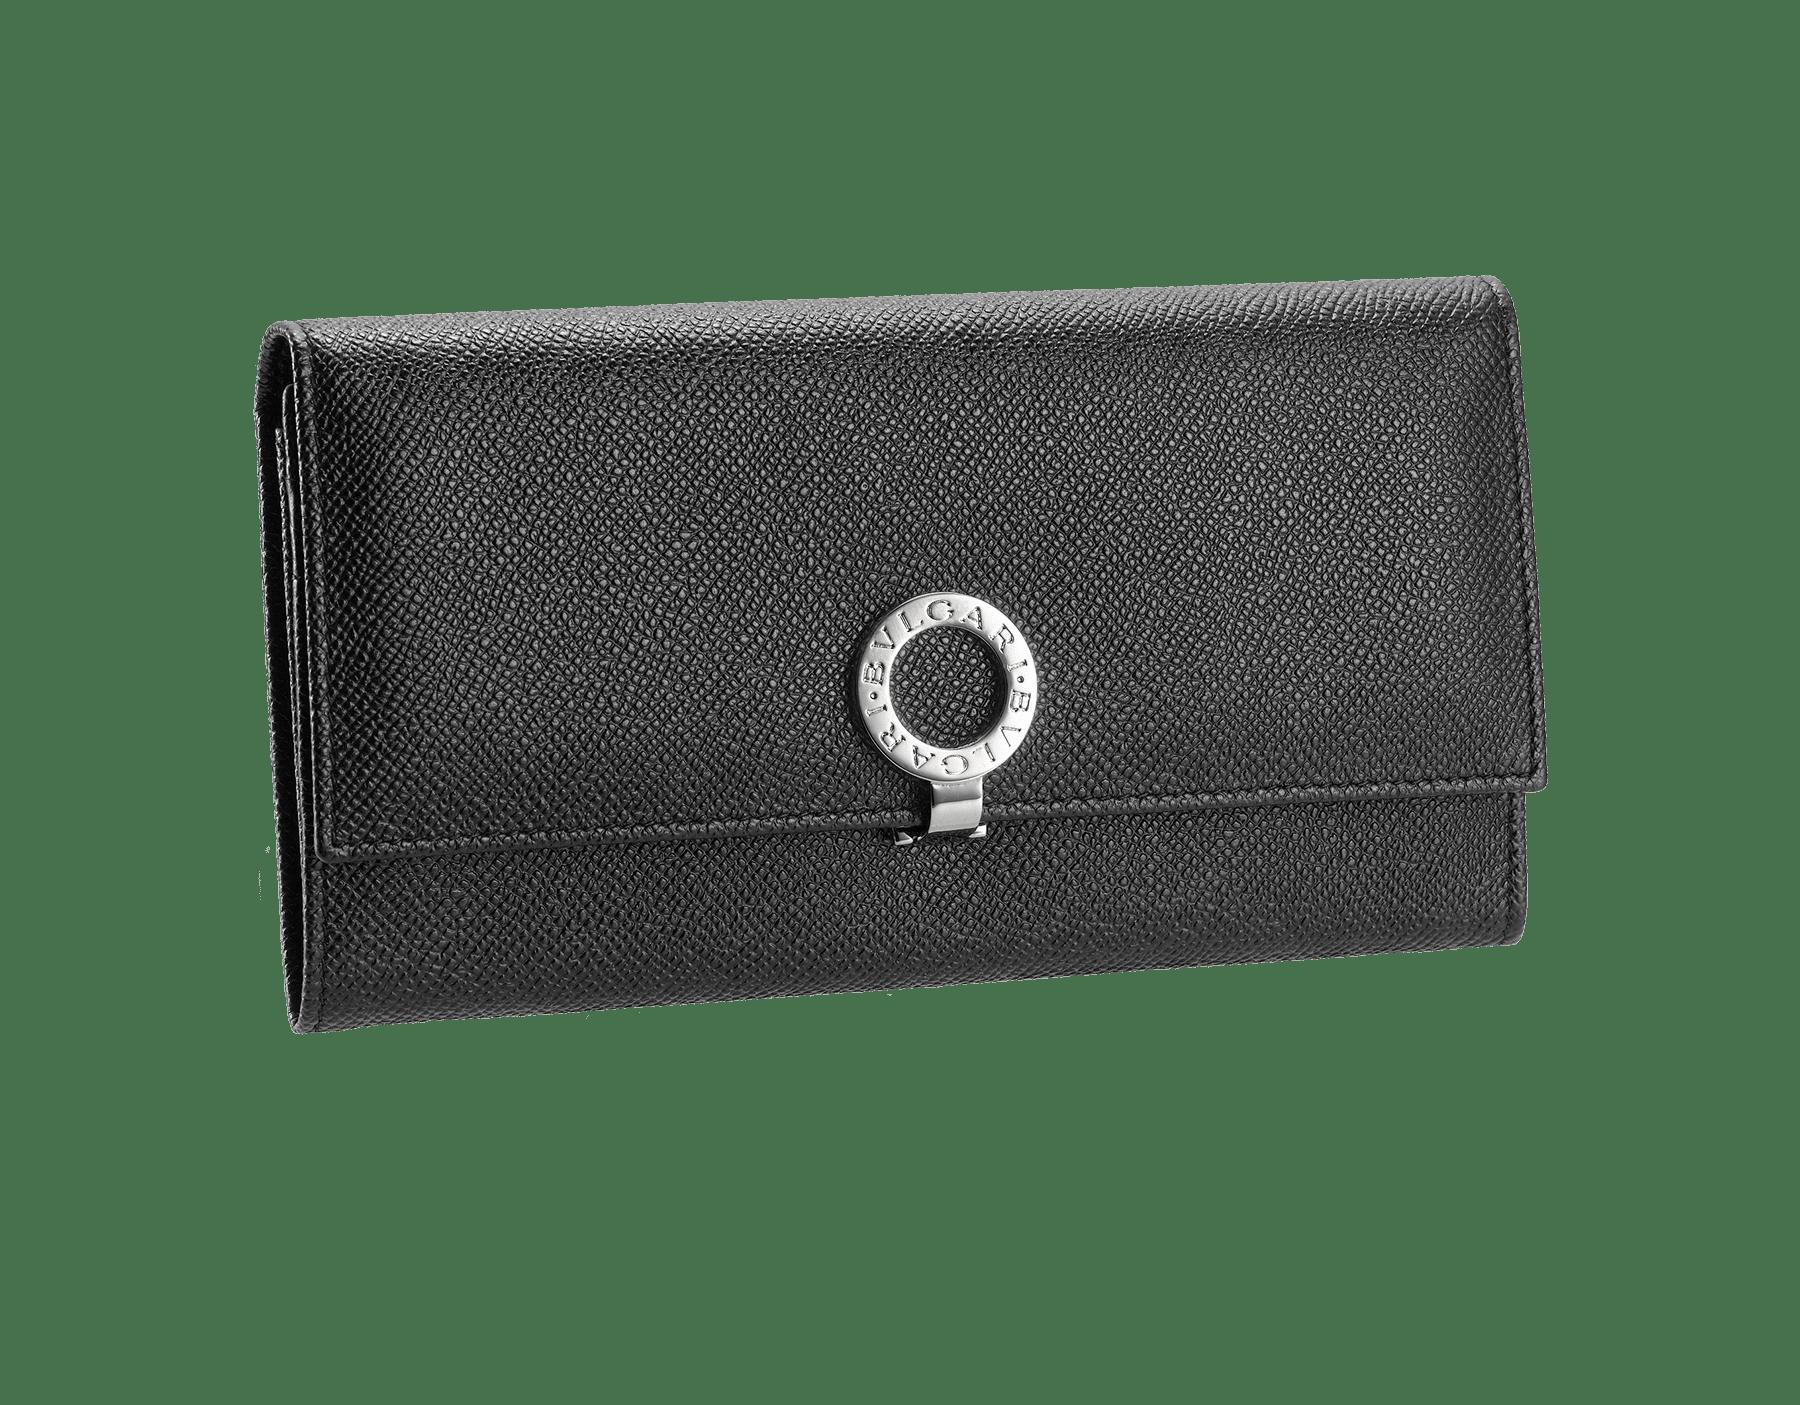 黒のグレインレザー製ウォレットポシェット。パラジウムでプレートされた真ちゅうで、アイコンの「ブルガリ・ブルガリ」モチーフがあしらわれています。ブルーナッパの裏地。内側のコンパートメントは2つ。カードスロット10枚分つき。19×11×2cm 30414 image 1